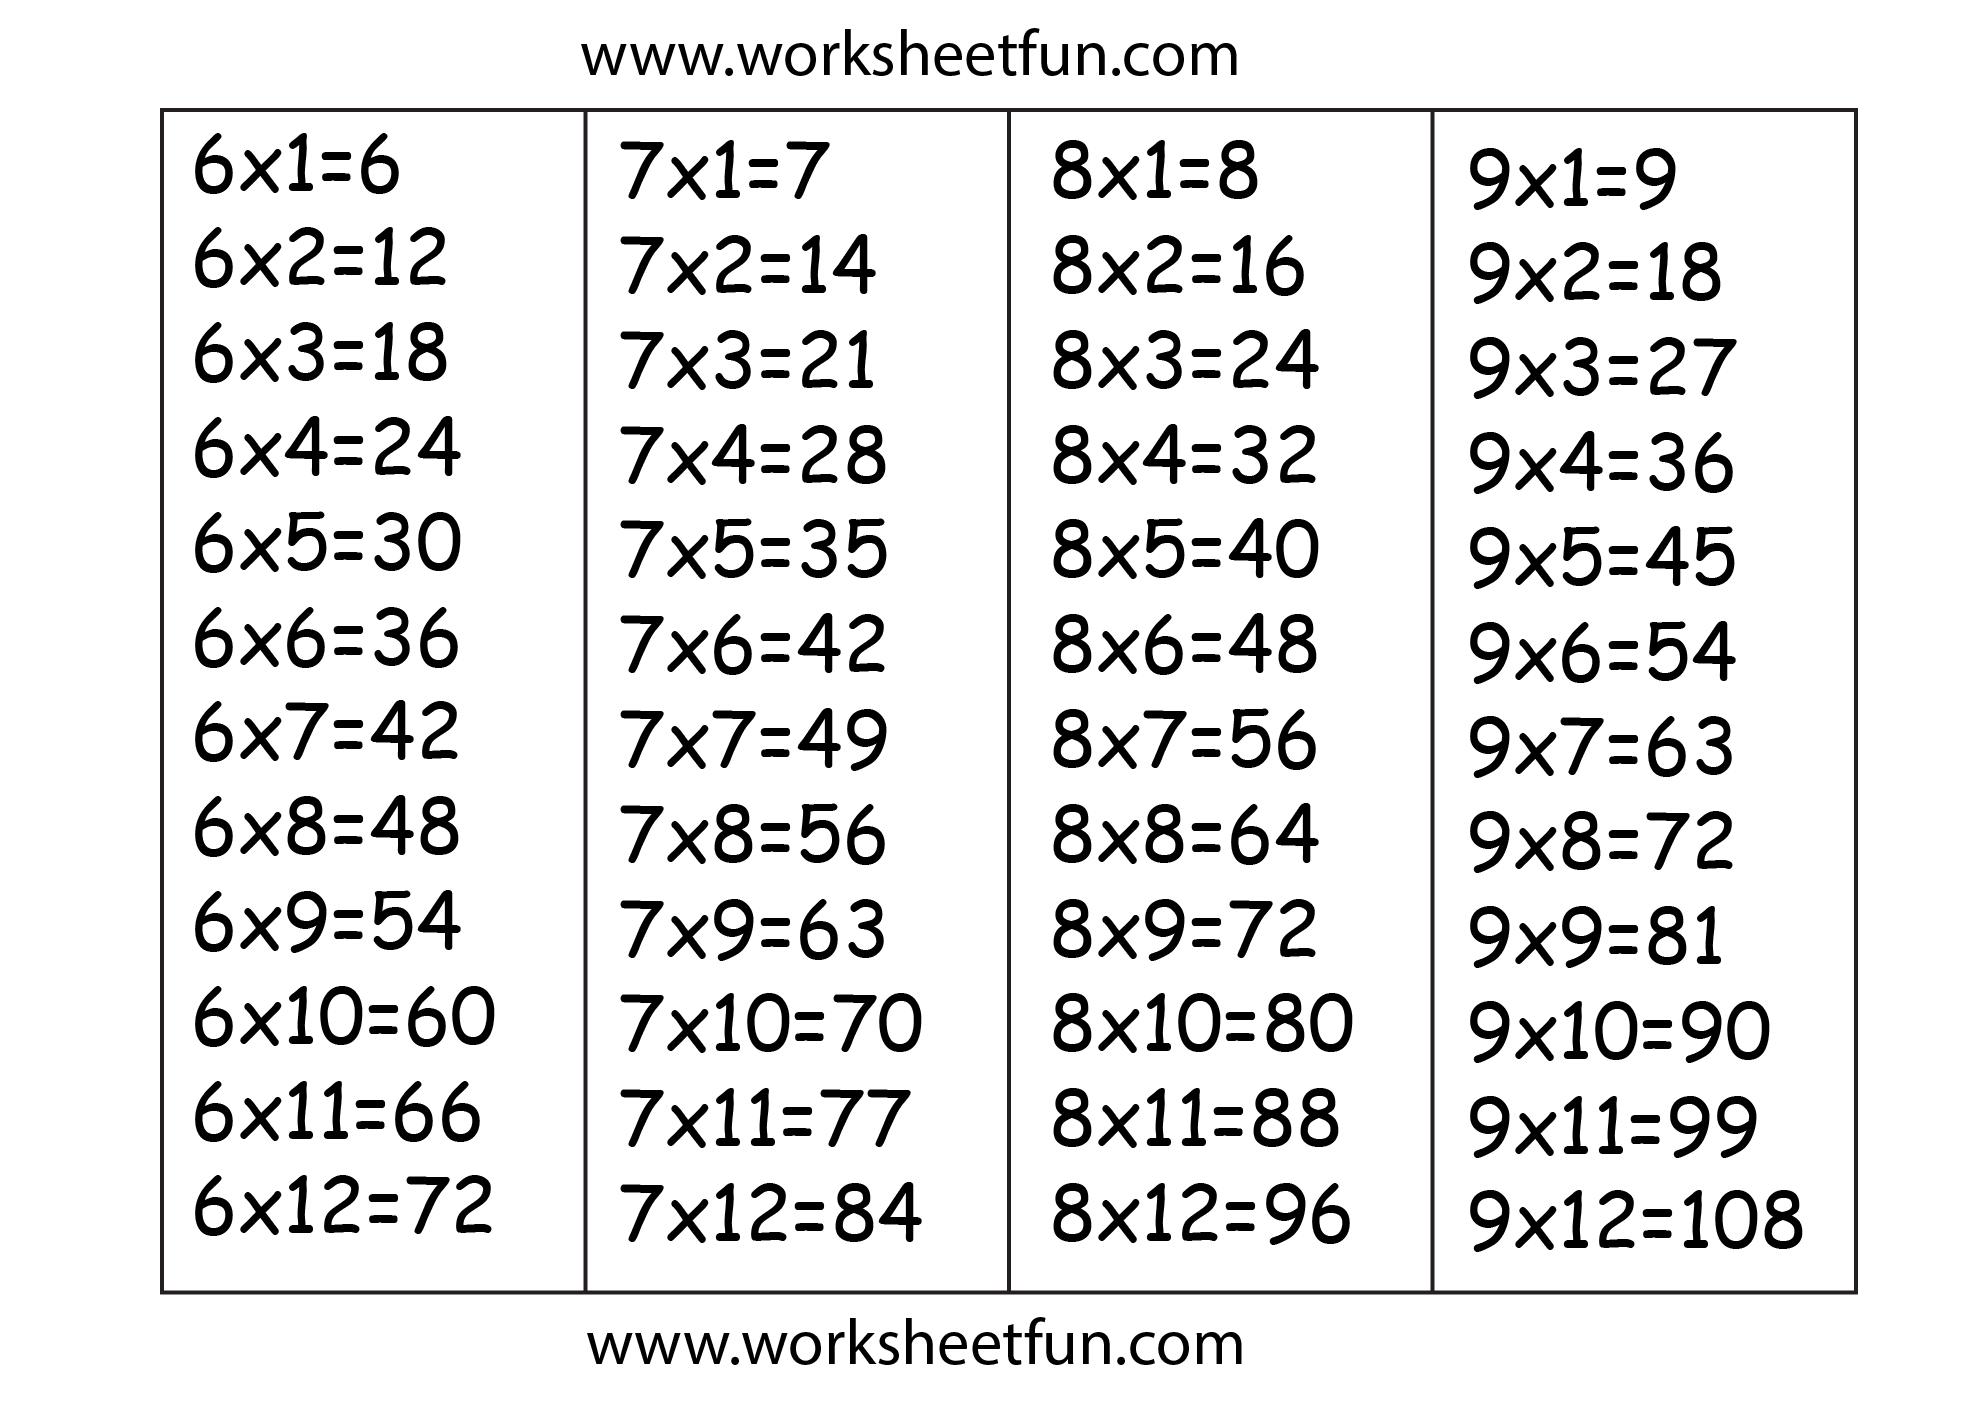 Multiplication Worksheets For 6 7 8 9 236287